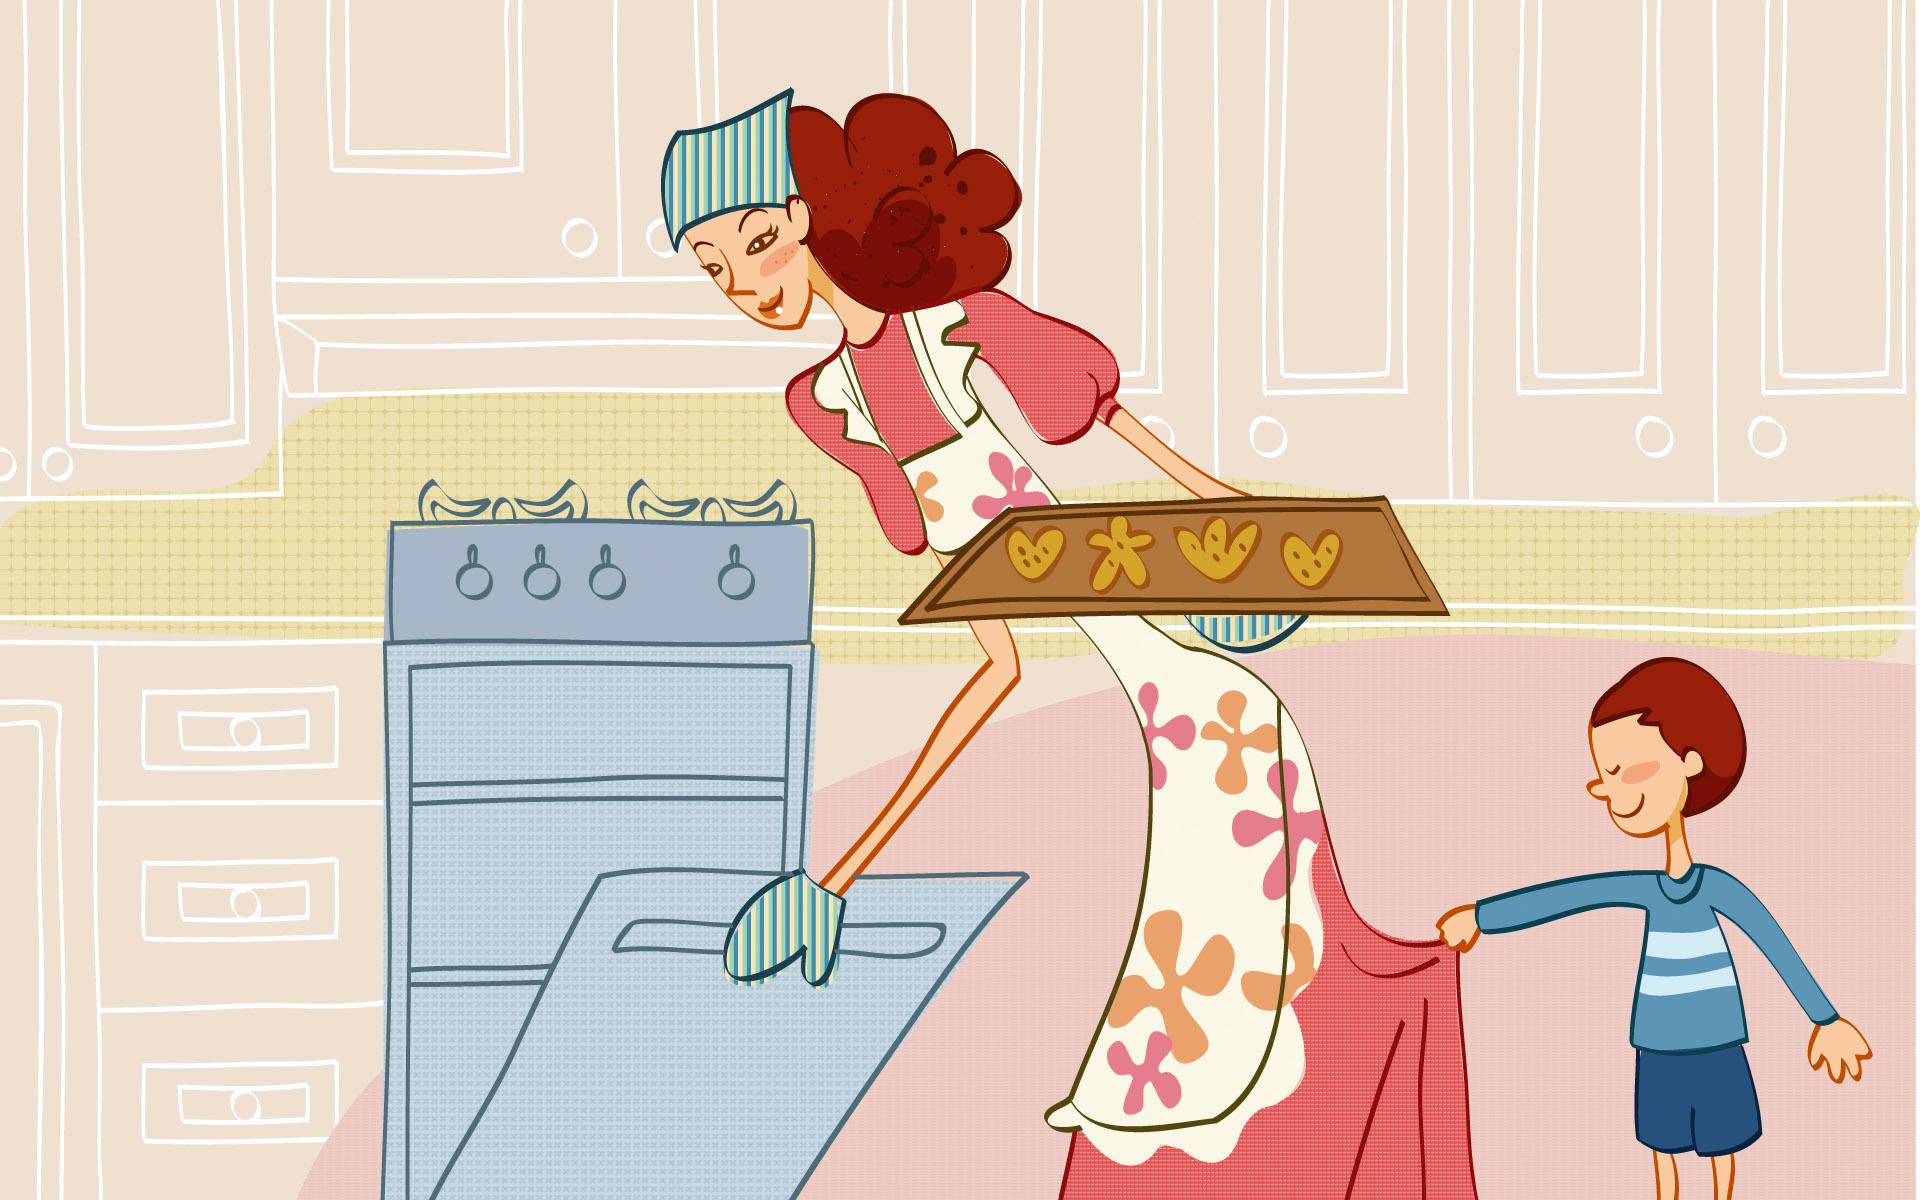 壁纸1920×1200矢量时尚女孩 12 13壁纸 矢量时尚女孩壁纸图片矢量壁纸矢量图片素材桌面壁纸